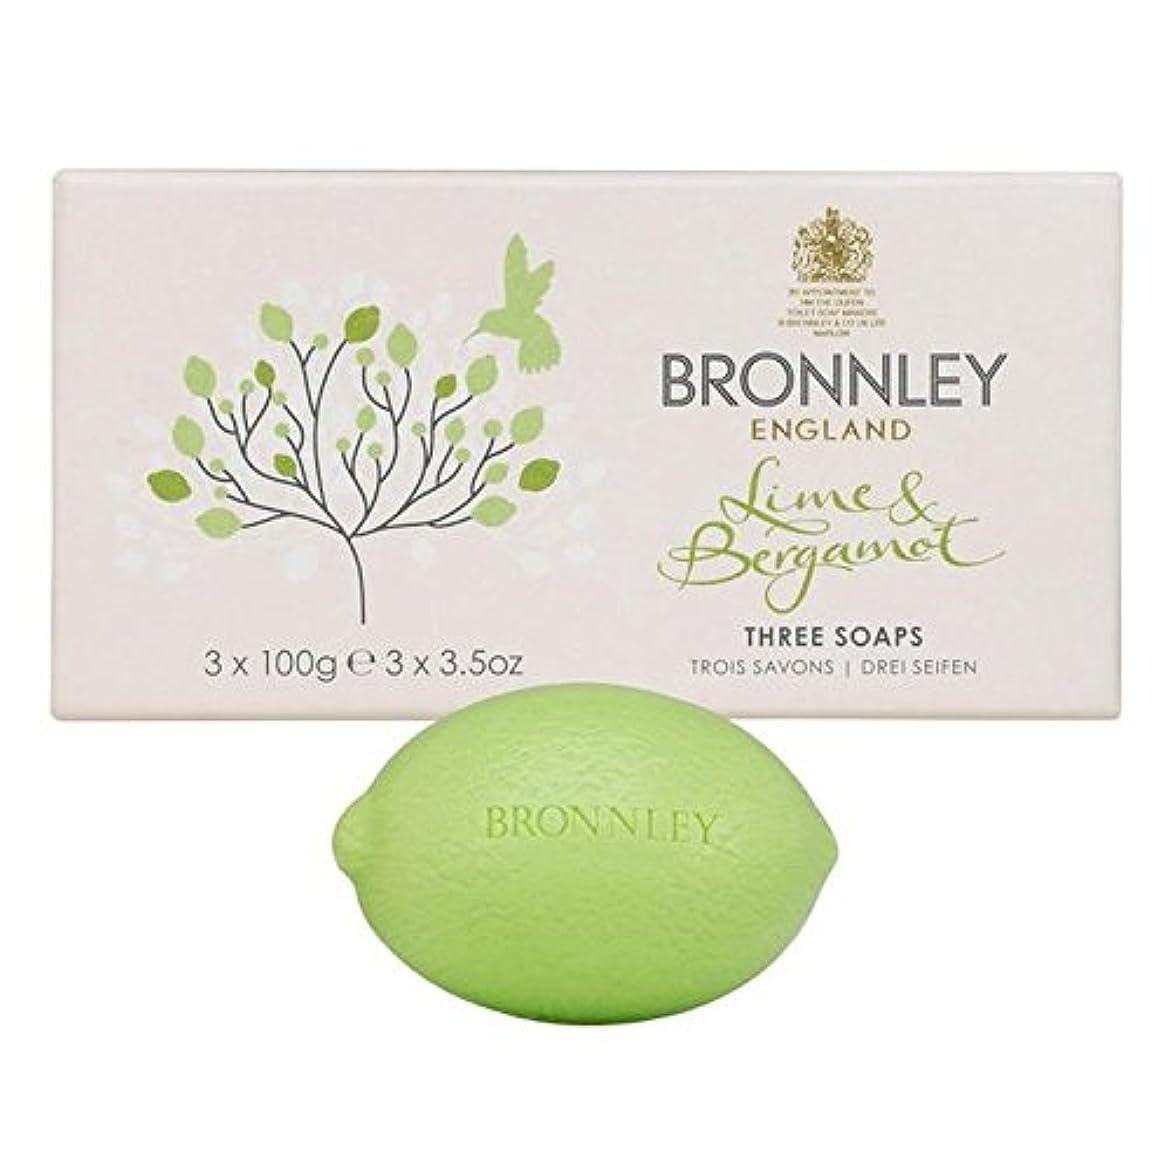 組み合わせ泥沼裏切るライム&ベルガモット石鹸3×100グラム x4 - Bronnley Lime & Bergamot Soap 3 x 100g (Pack of 4) [並行輸入品]